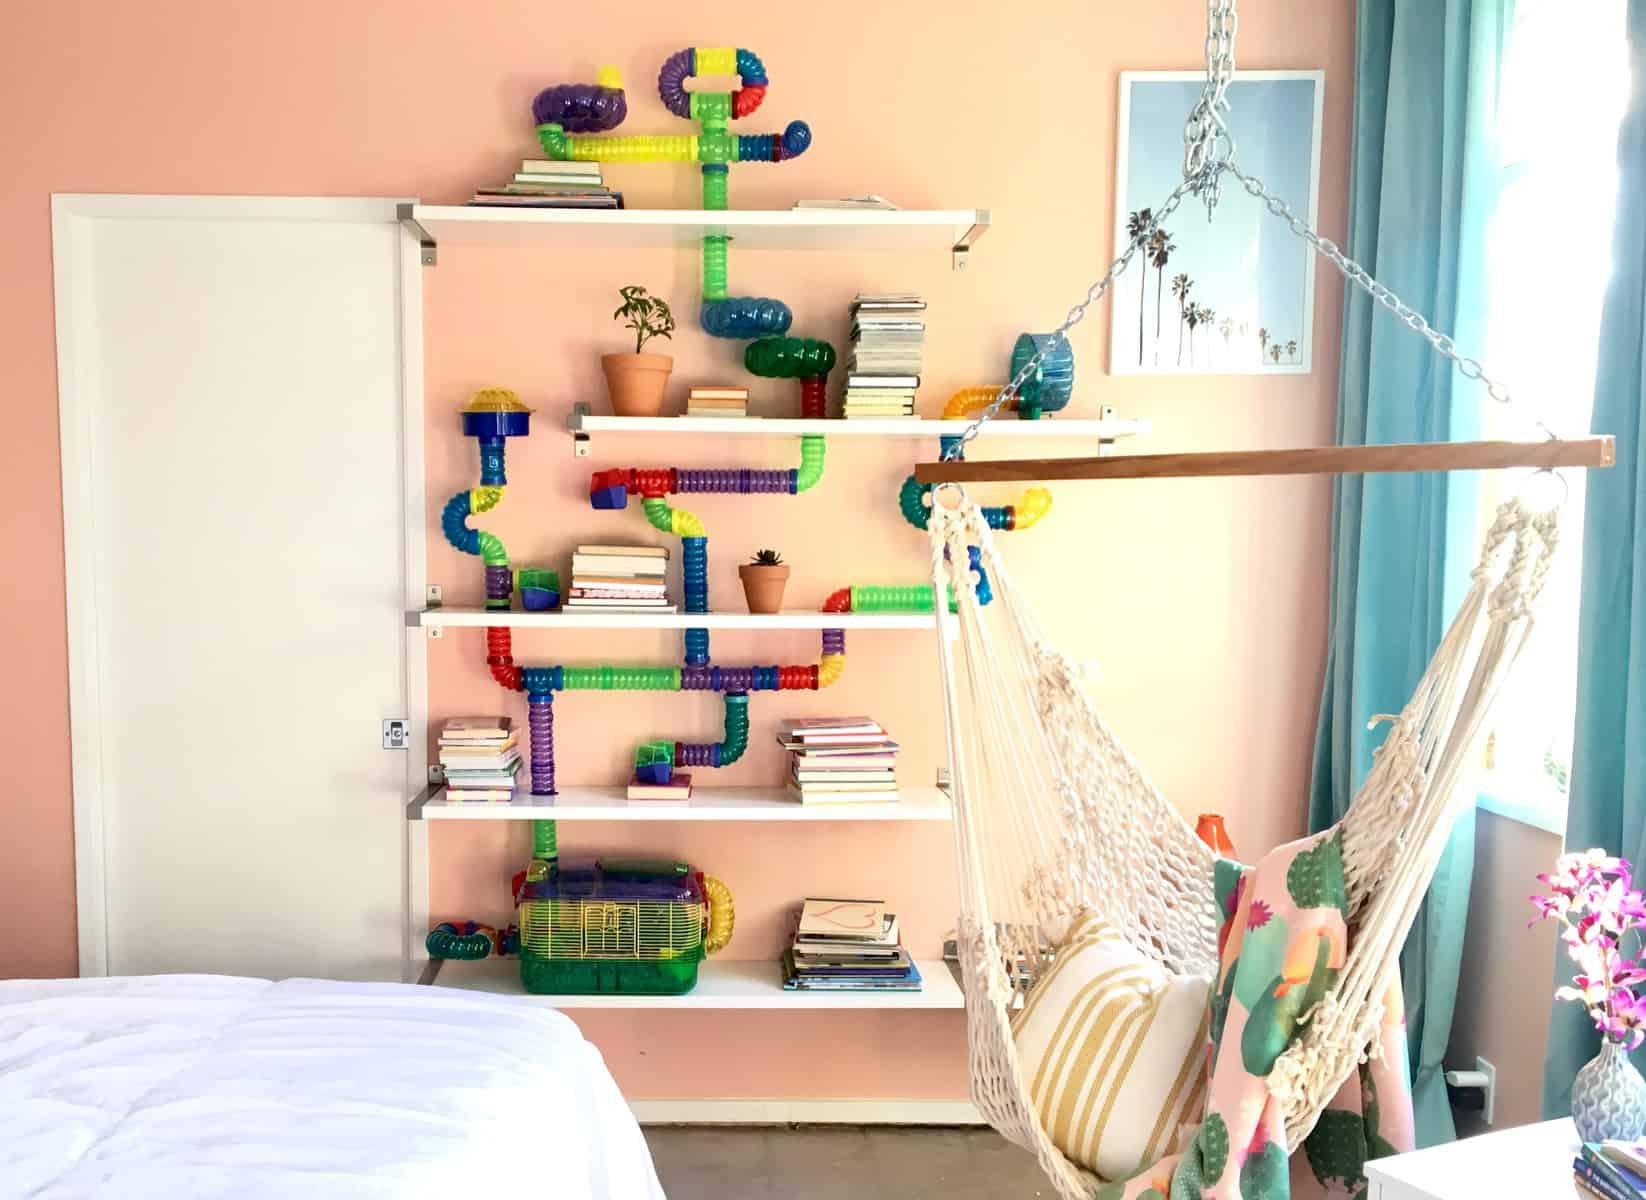 Hamster Bookshelf